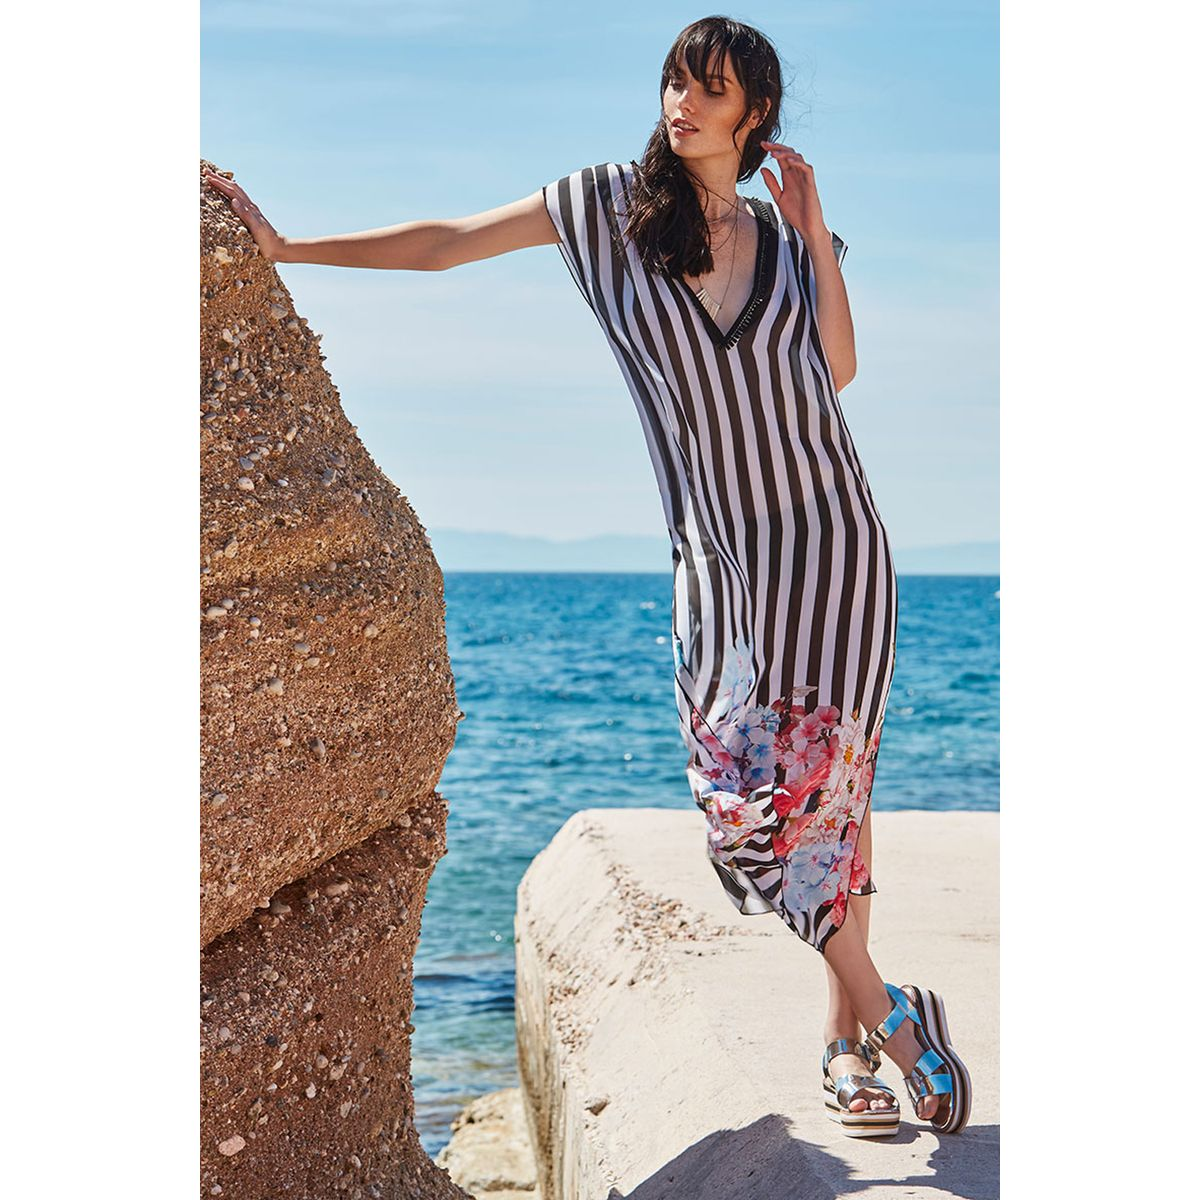 37a544e3f4a1 Φόρεμα ριγέ διαφάνεια για παραλία - Dressme